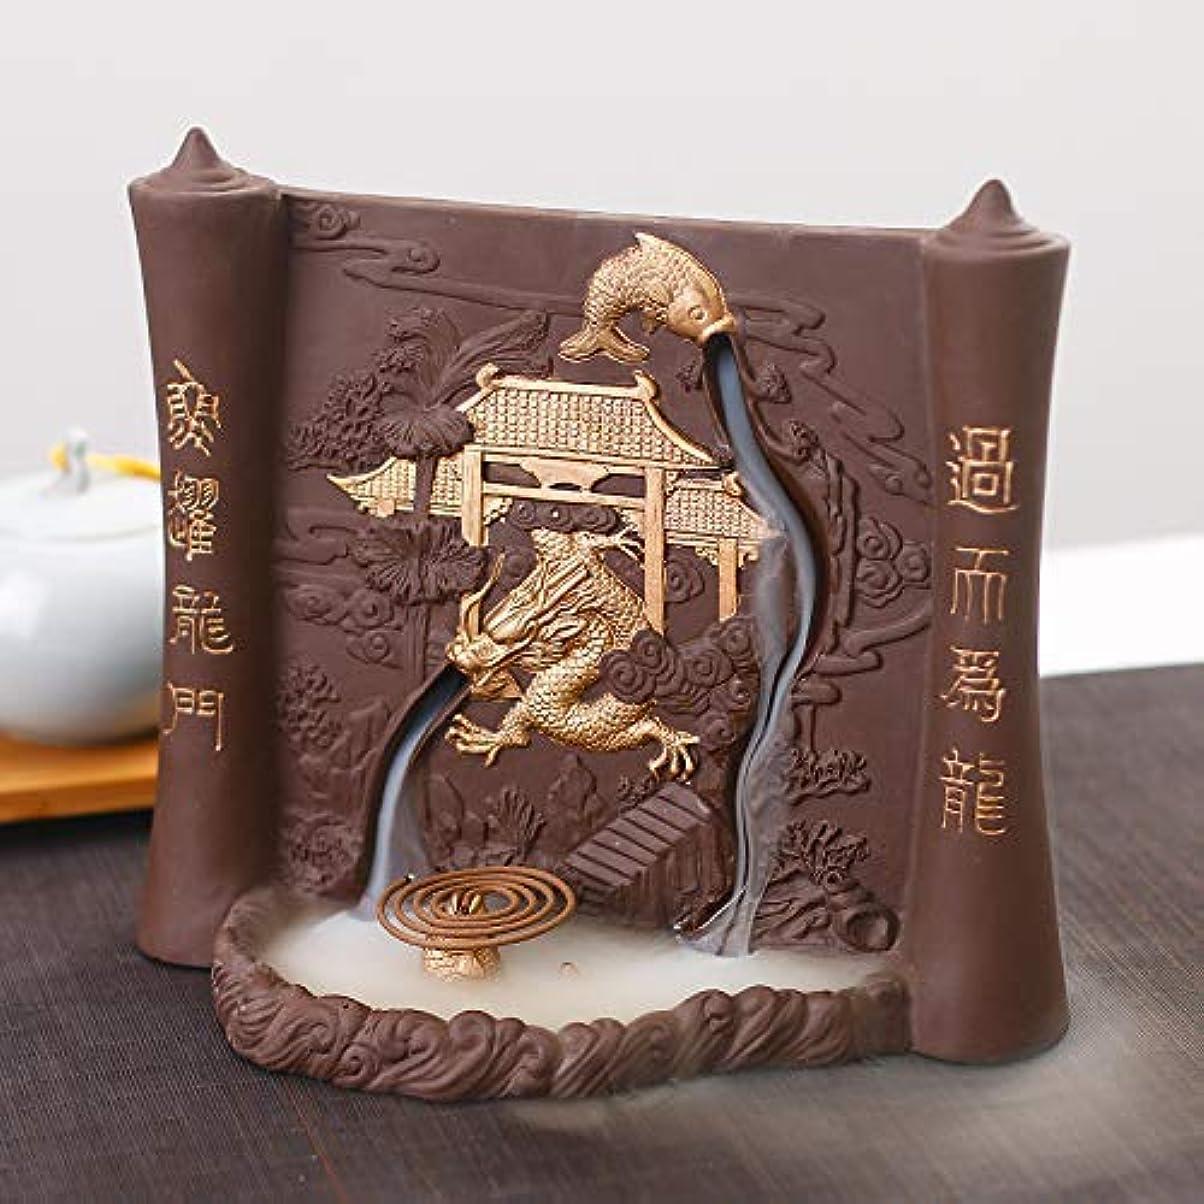 レジ遊びます市民PHILOGOD 香炉 陶器漢字彫刻レリーフ手作り逆流香炉 線香立て デュアルユース お香 ホルダー